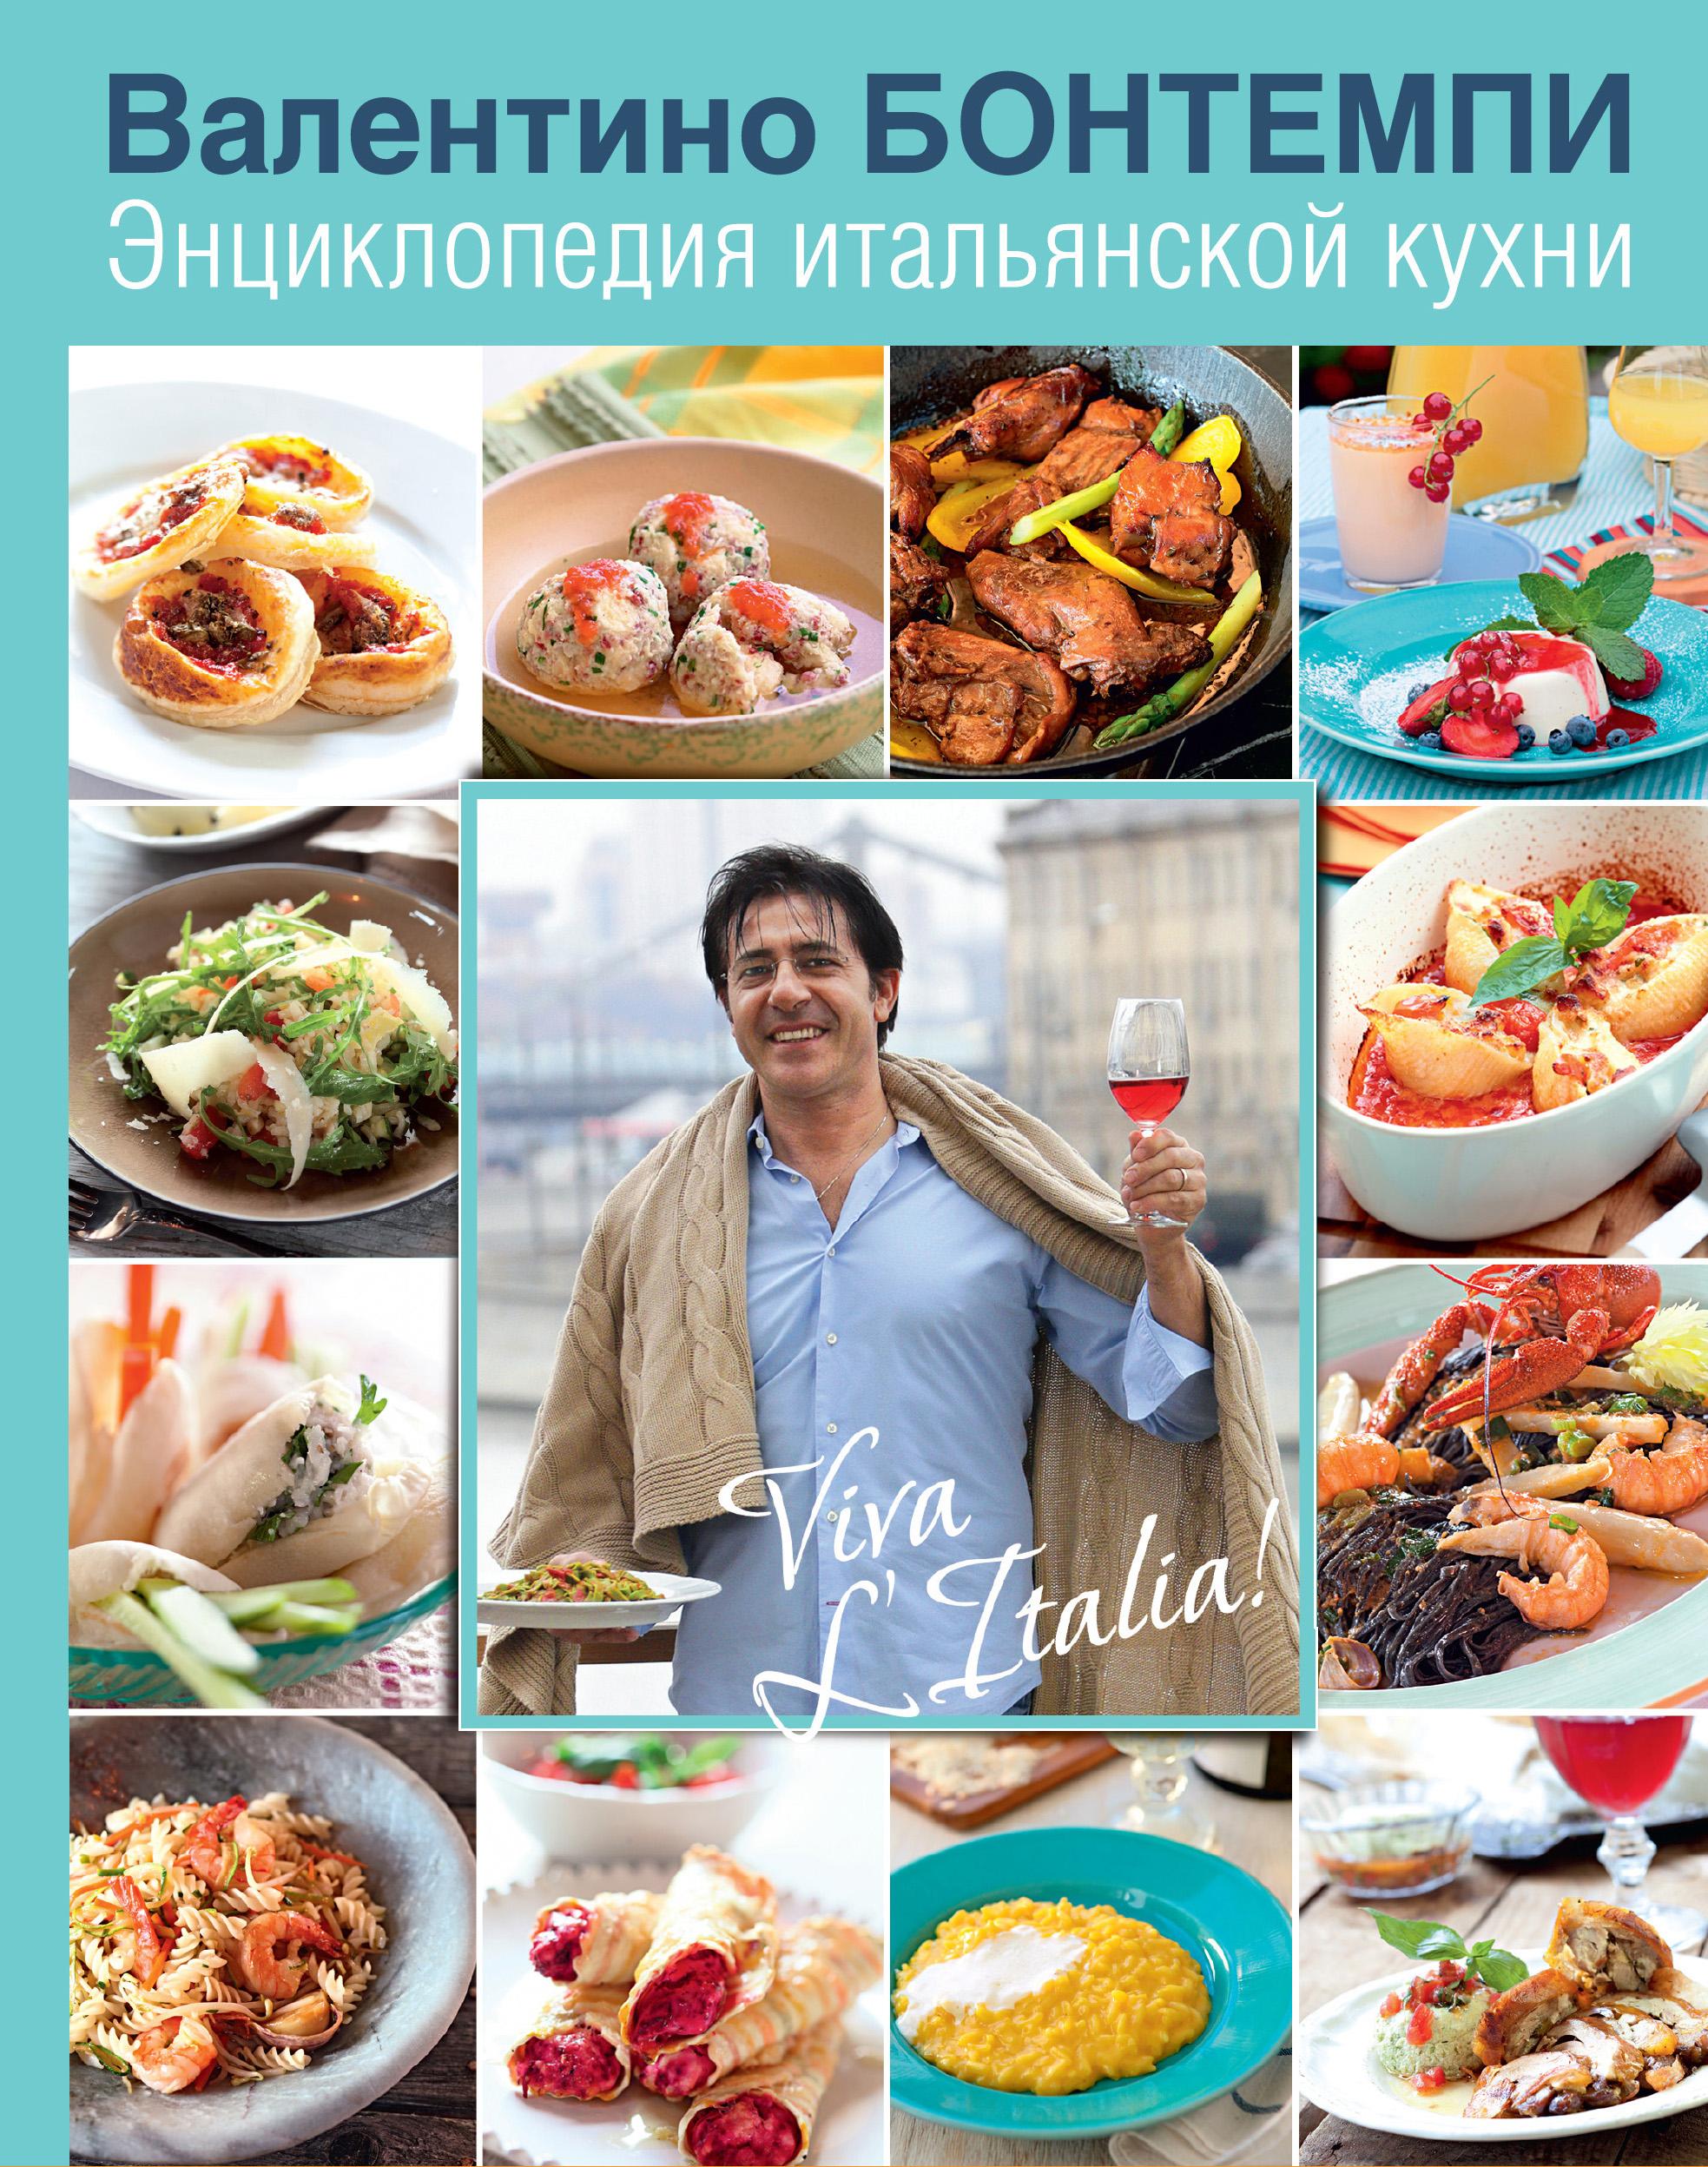 Энциклопедия итальянской кухни